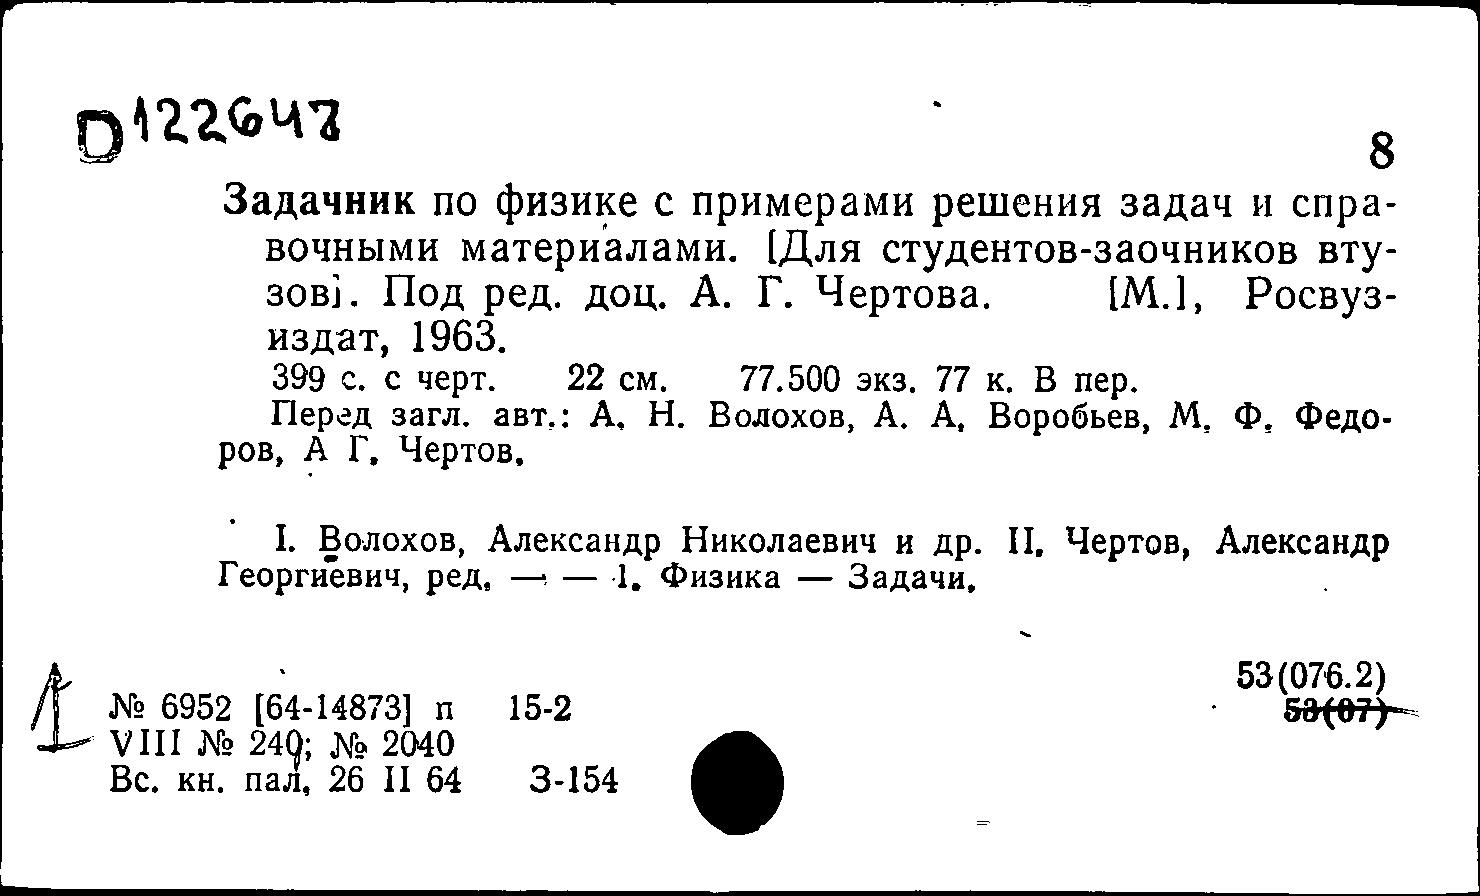 Чертов воробьев задачник 2007